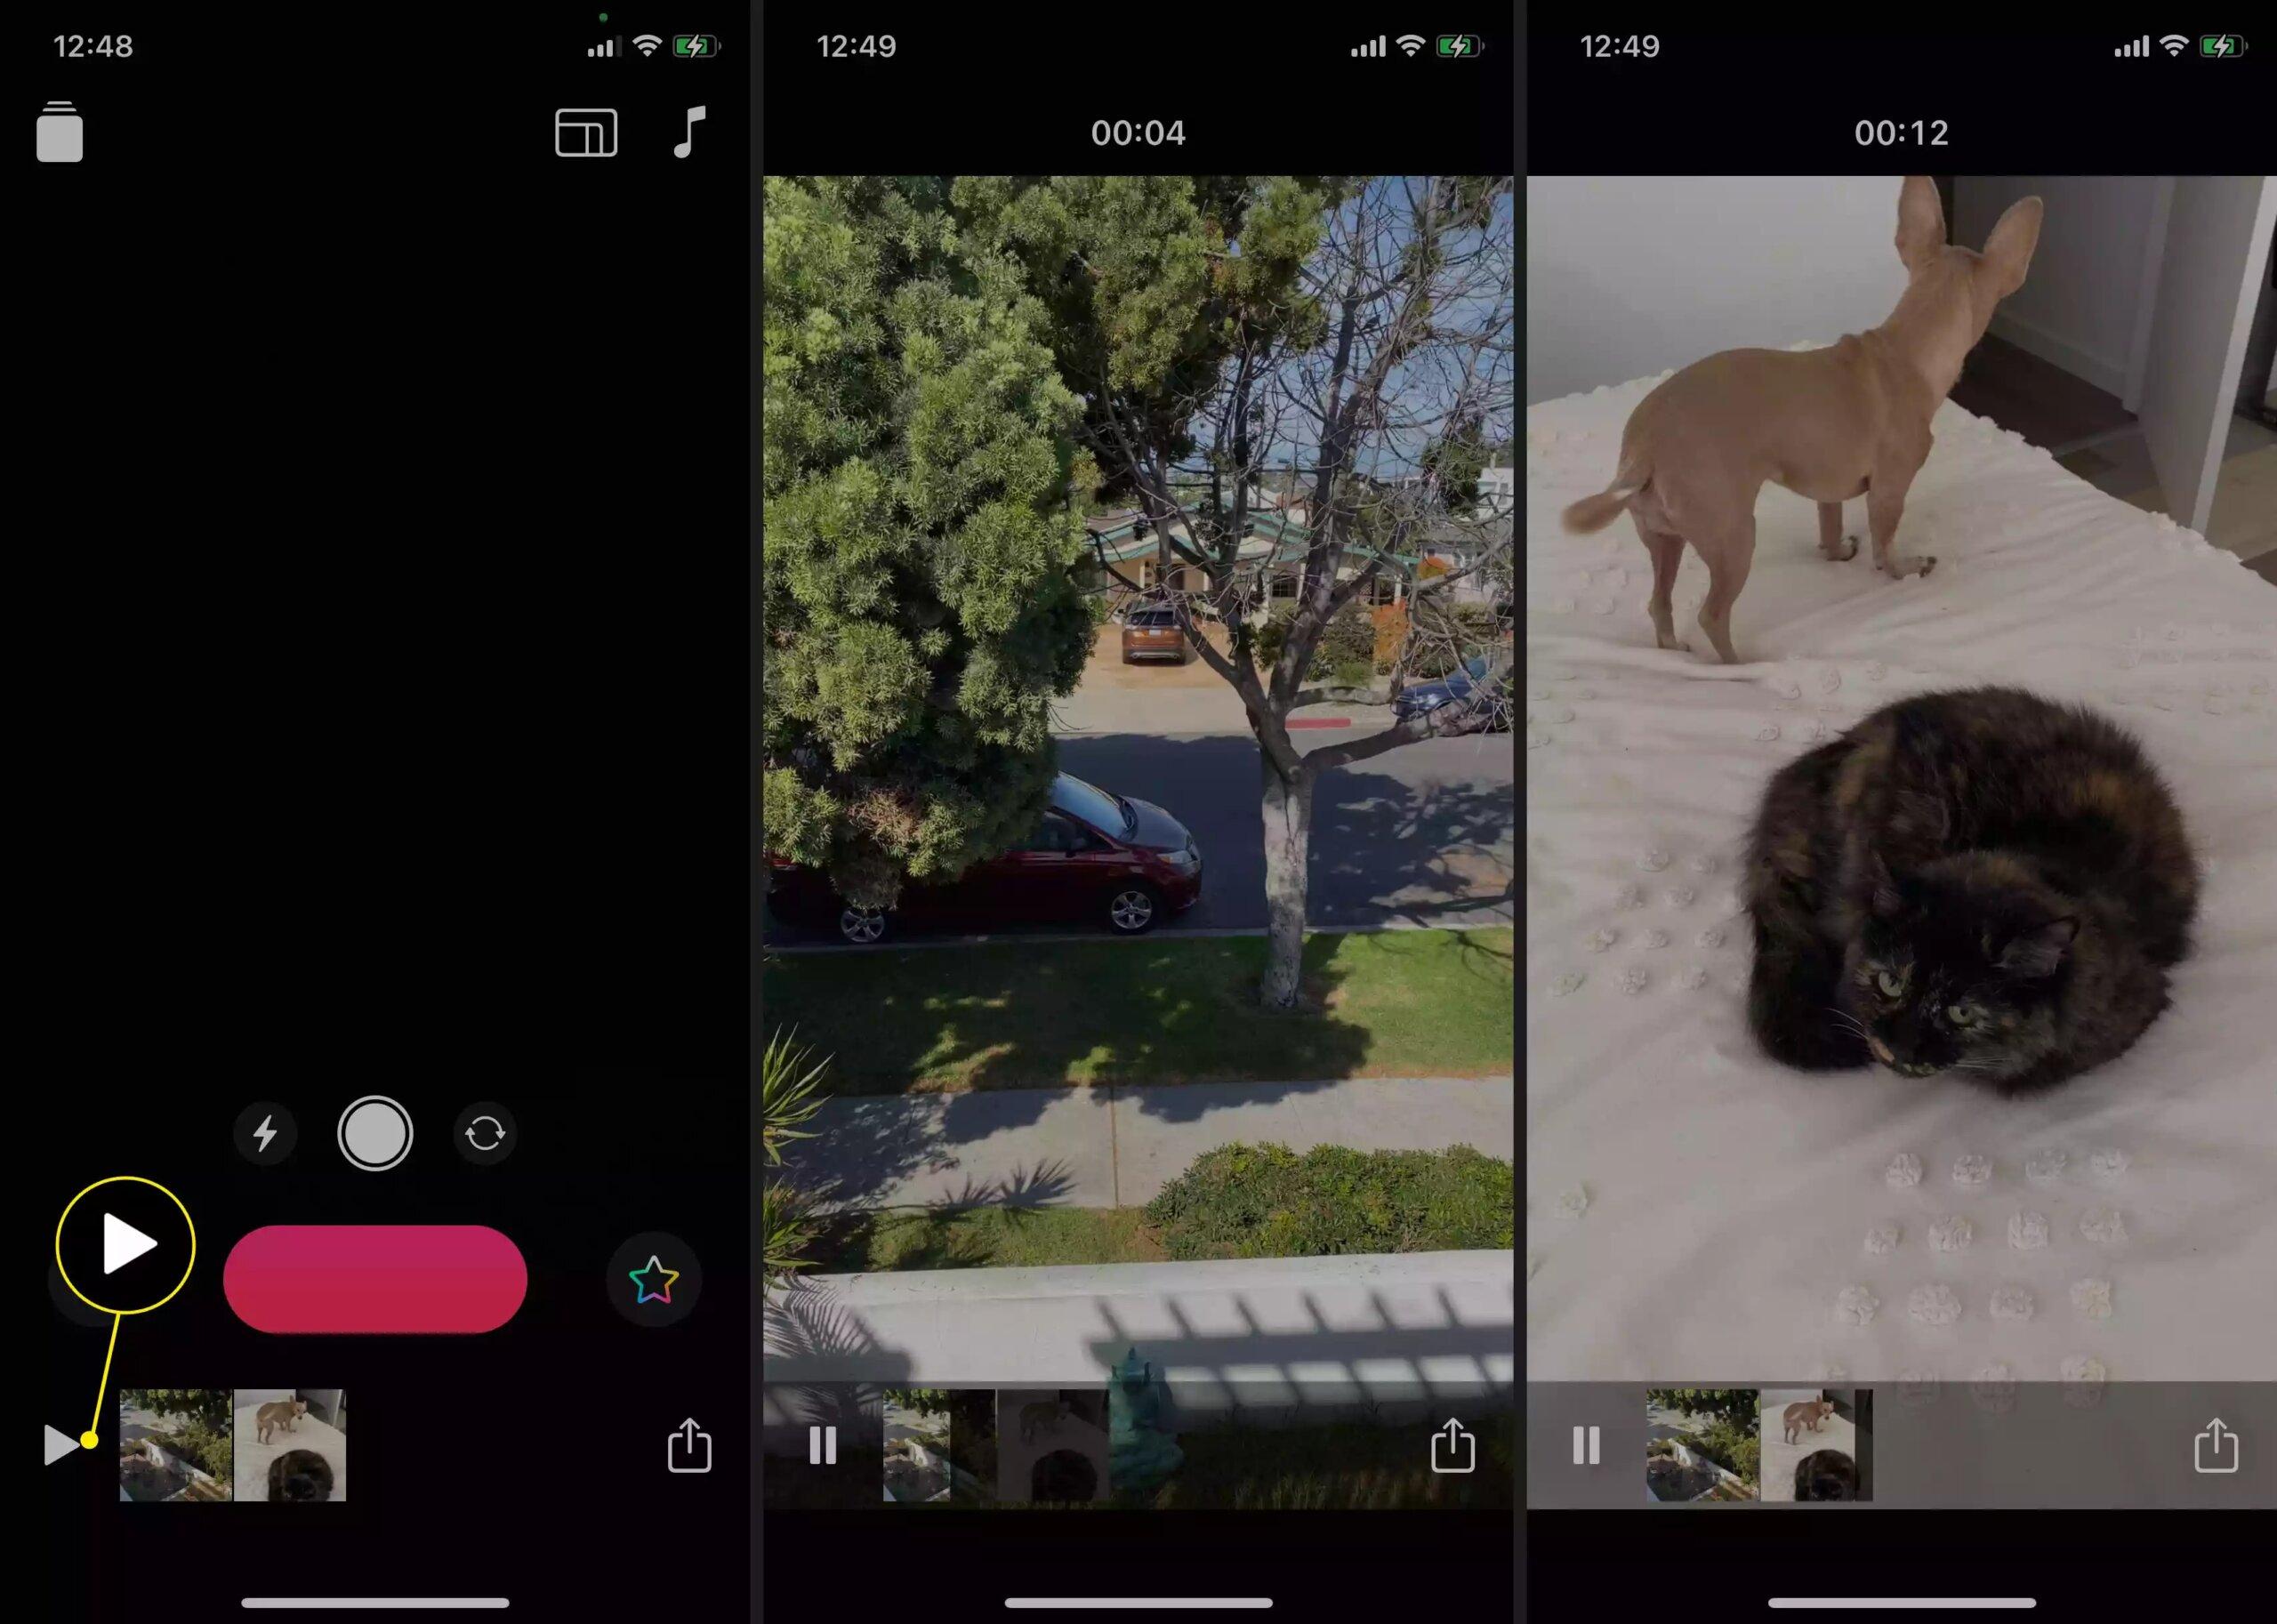 Cách làm video trên iPhone bằng app Clips có sẵn 19